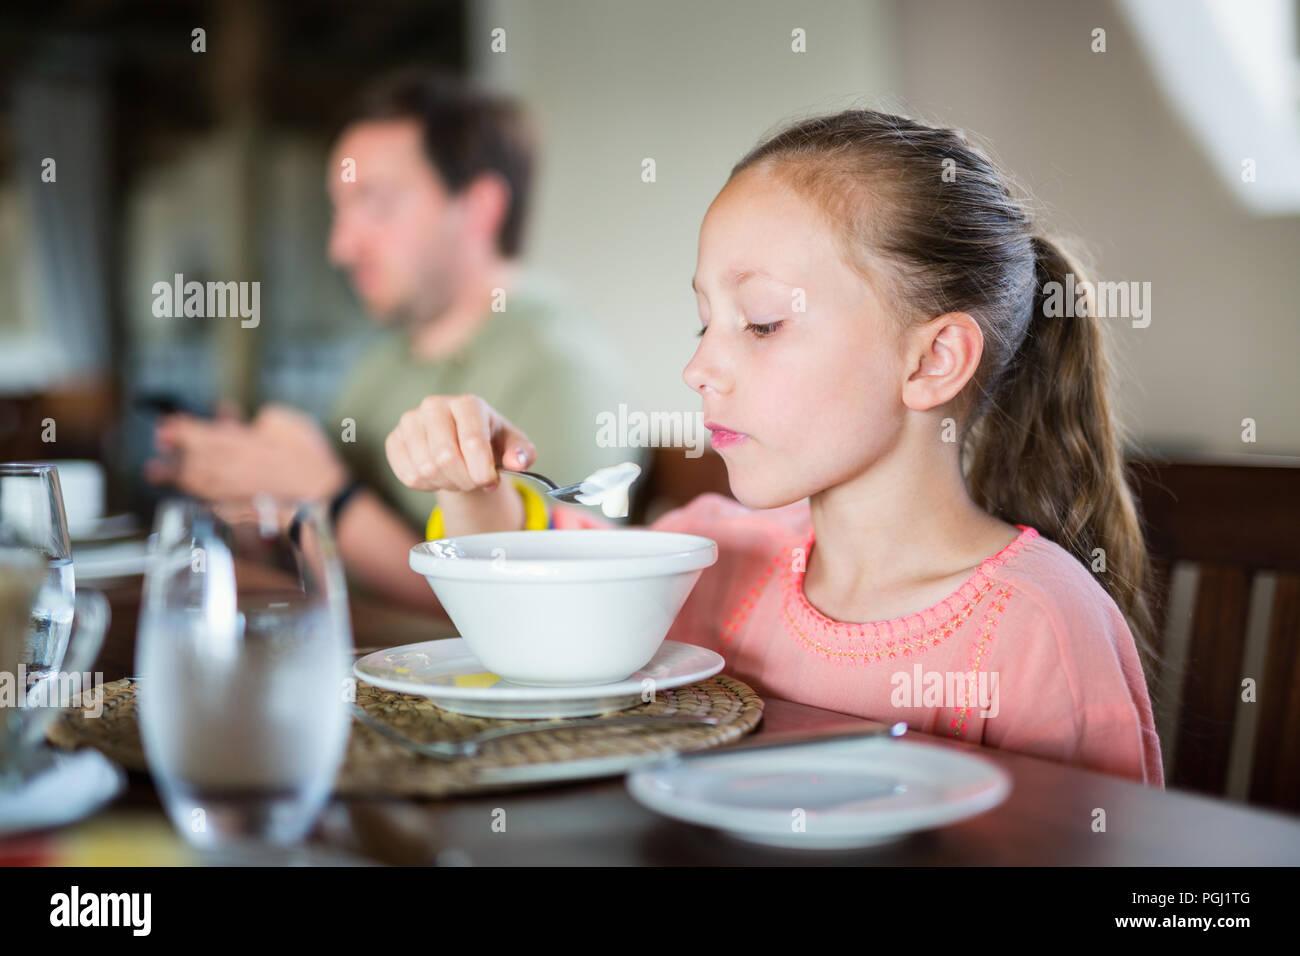 Adorabile bambina di mangiare la prima colazione a casa o ristorante Immagini Stock